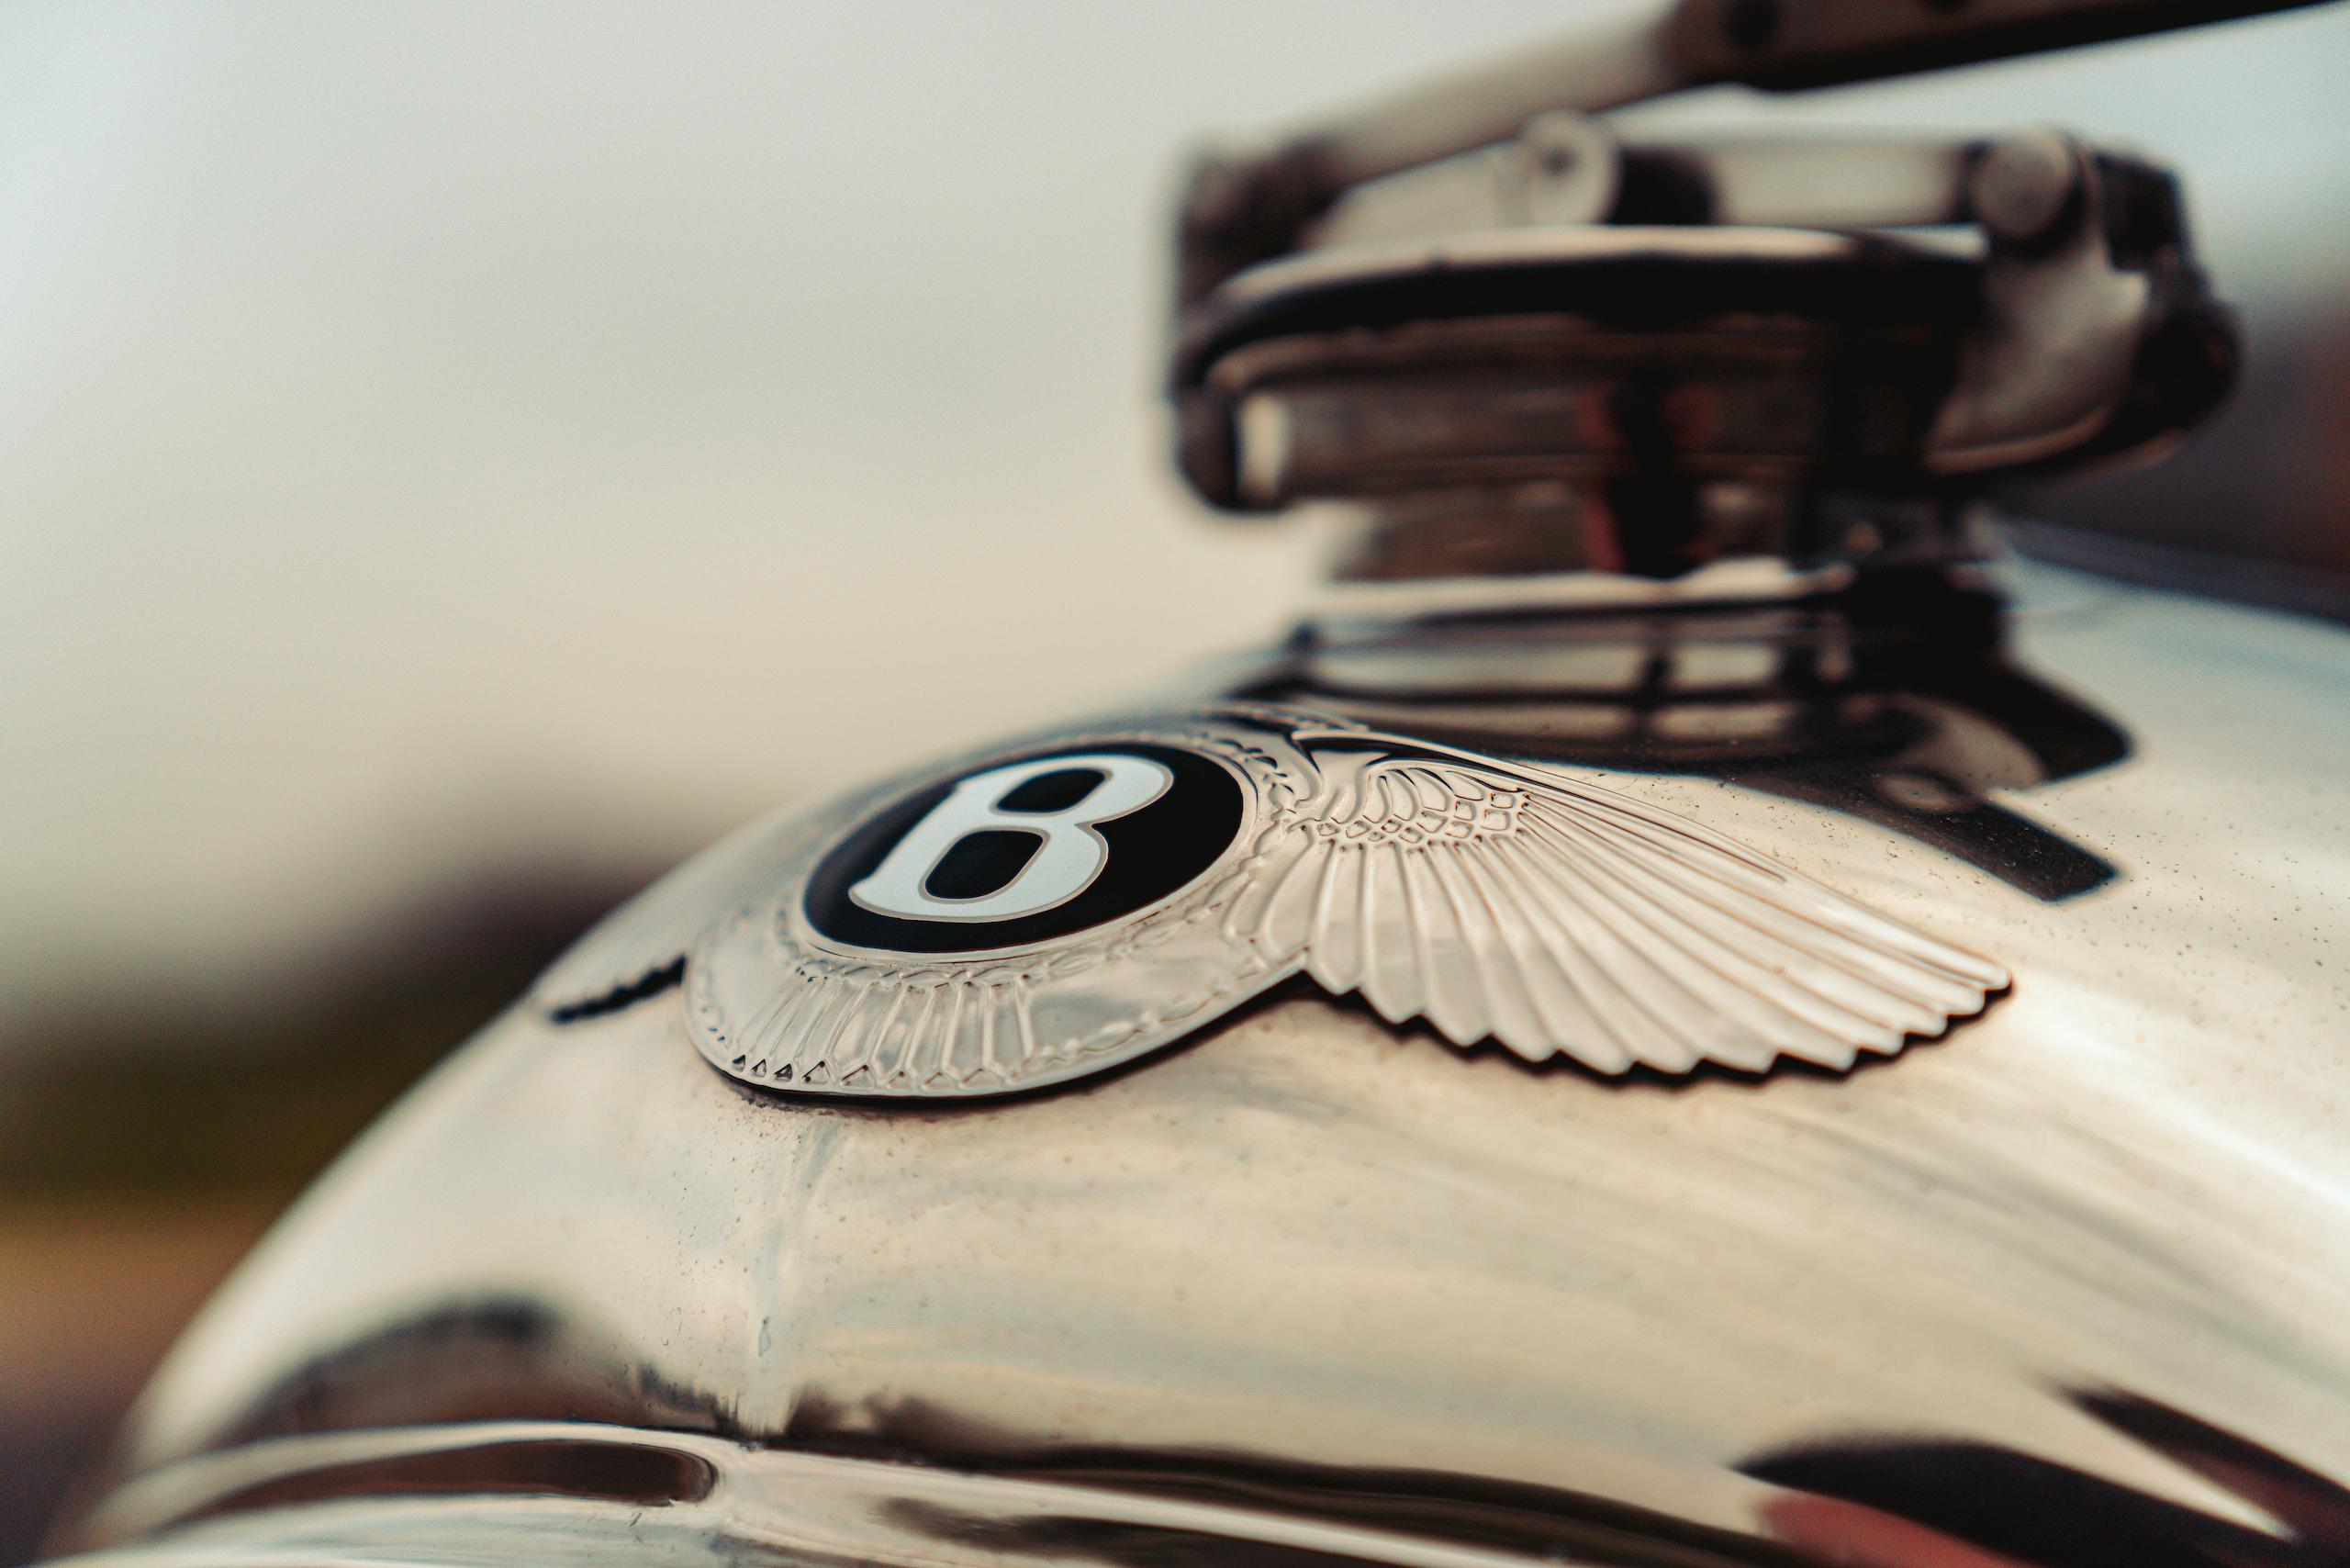 Blower Bentley hood detail